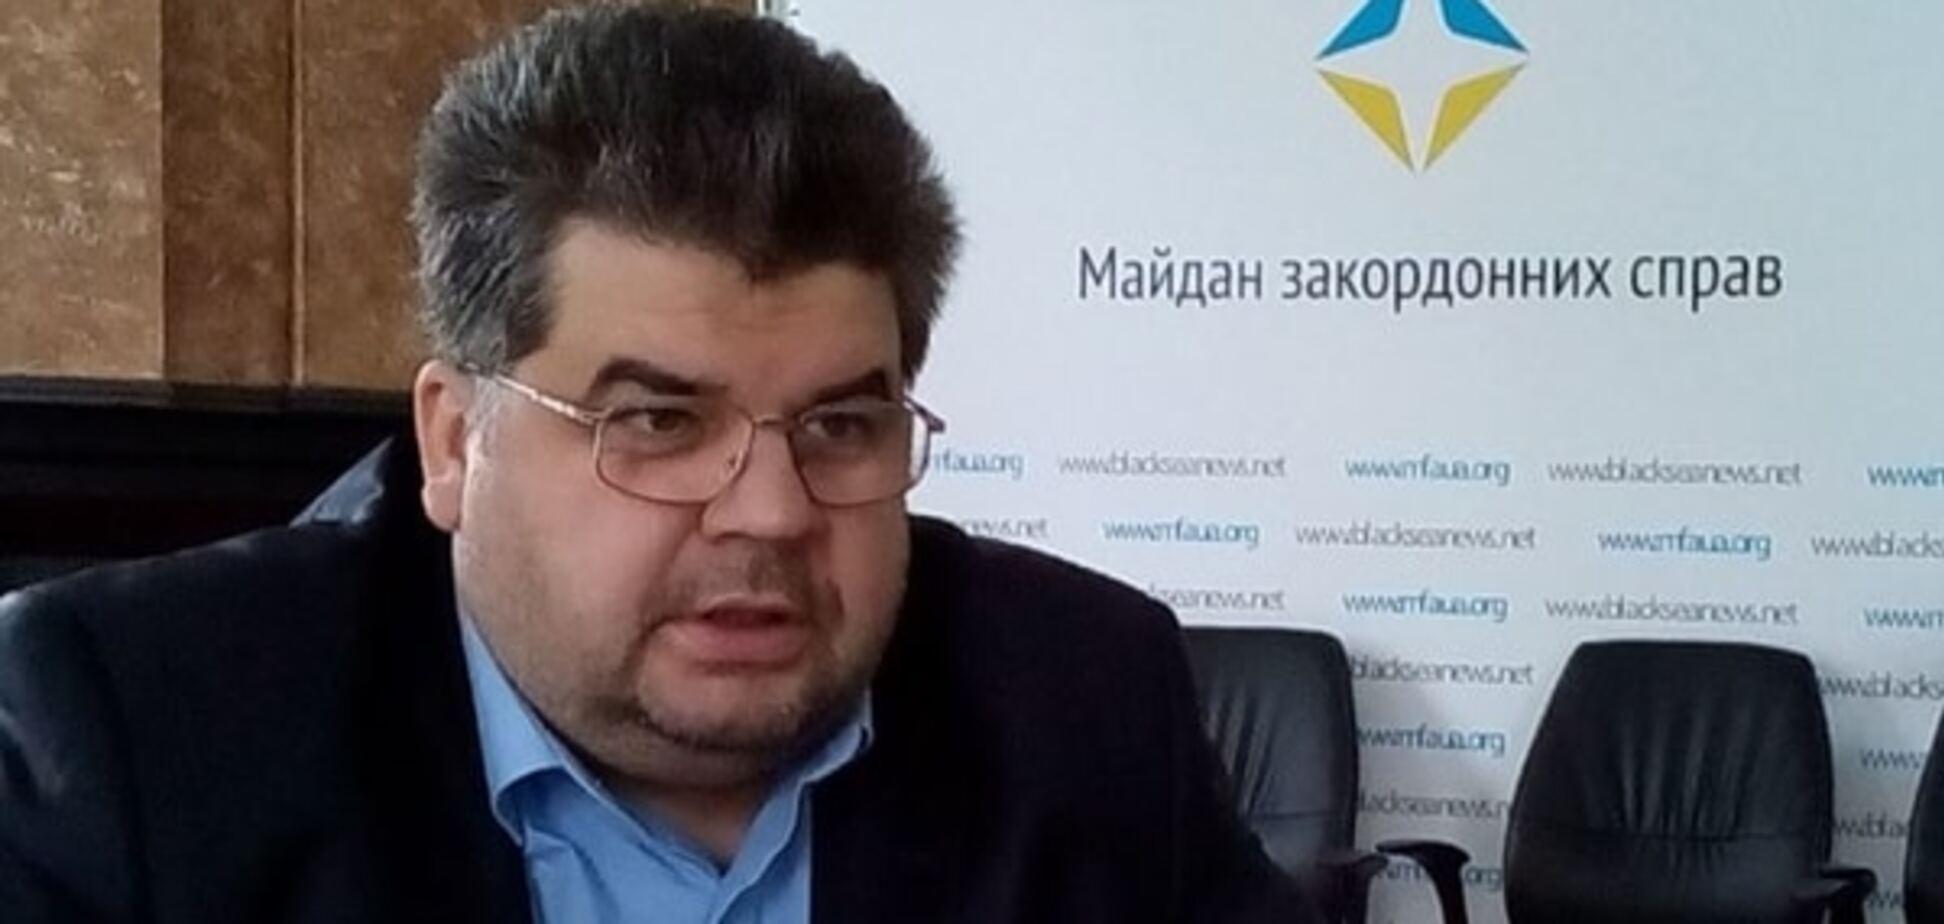 Яременко: Россия не пойдет на открытую войну с Турцией